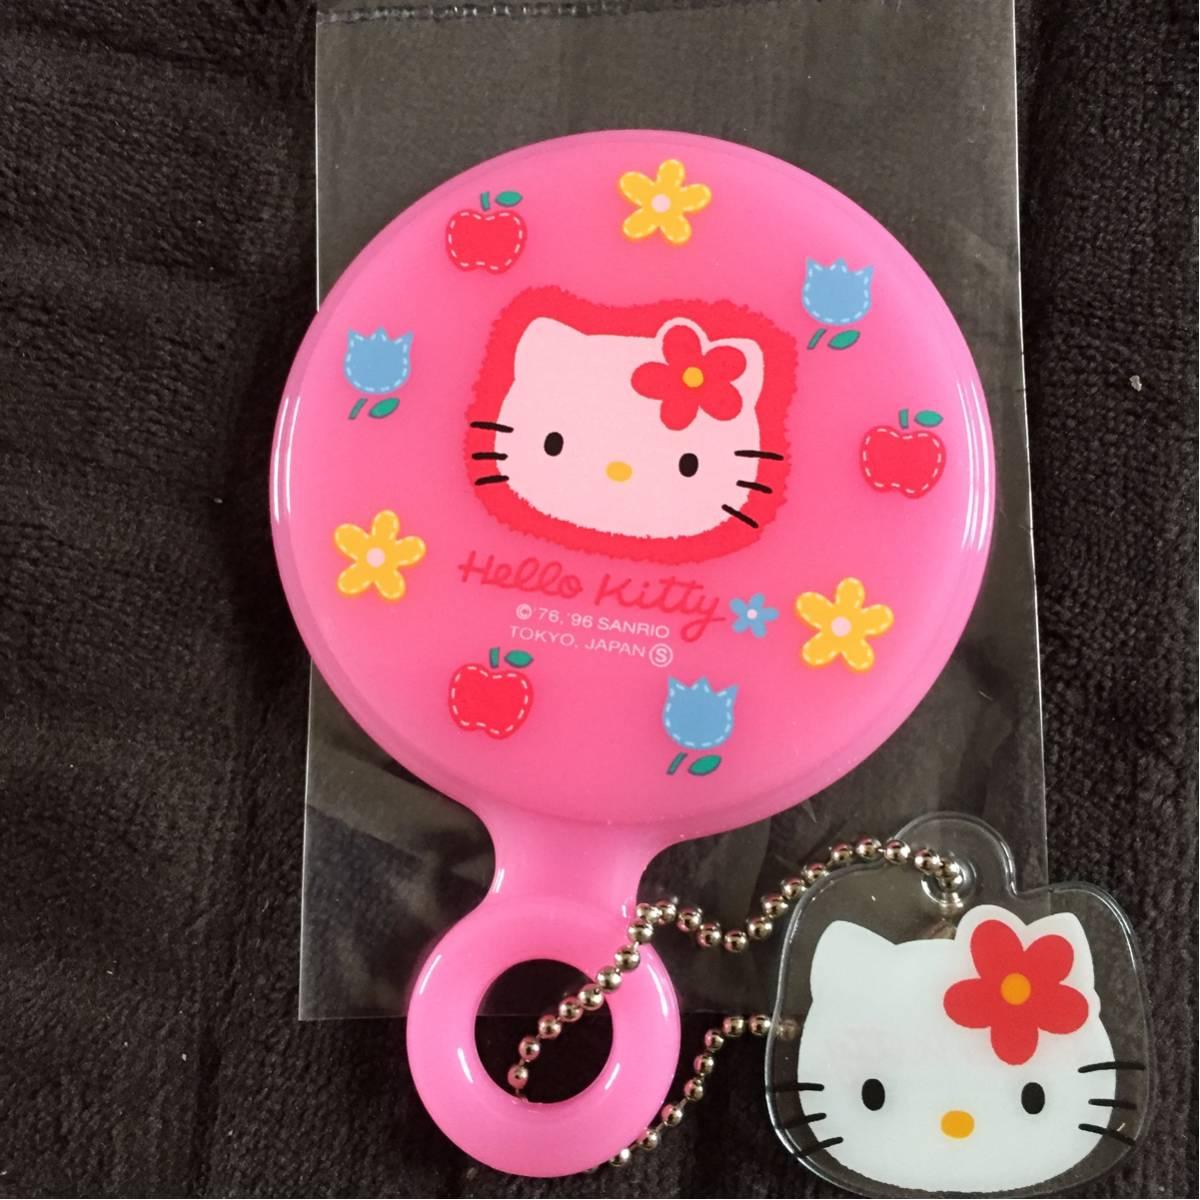 激レア未使用品 Sanrio1996年製 ☆ハローキティ ☆ミニ手鏡_画像1